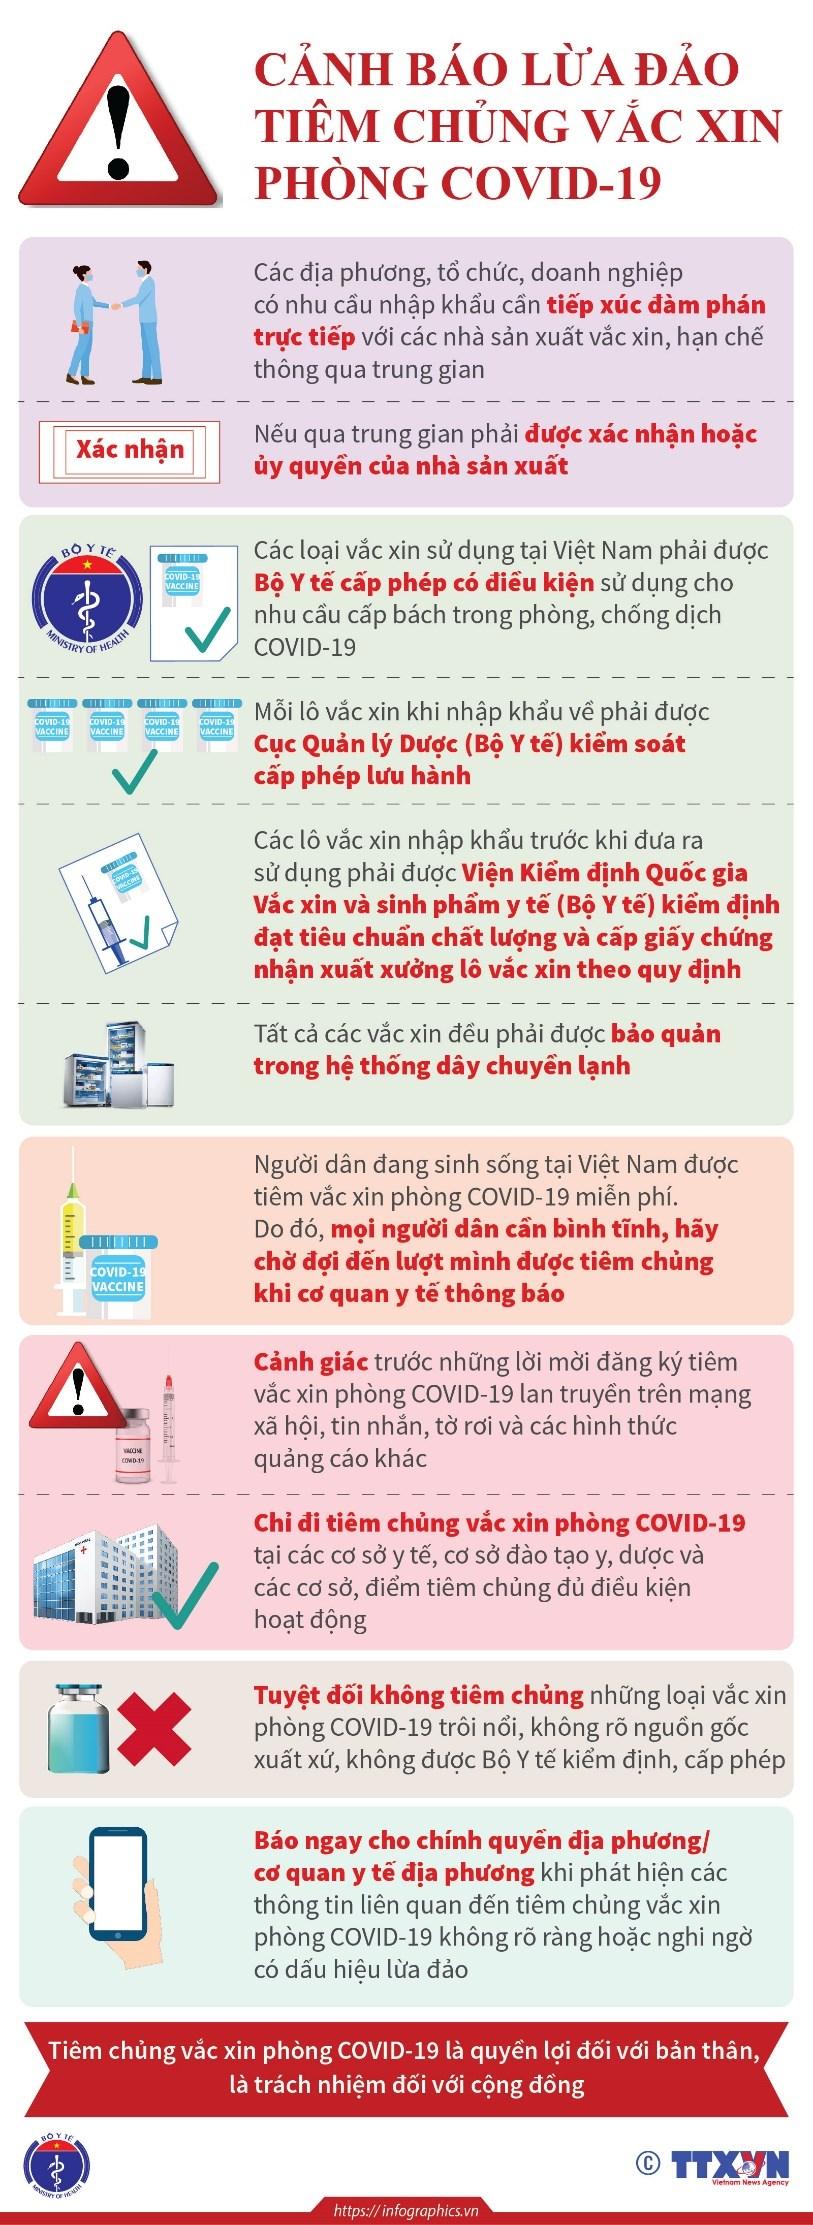 Cảnh báo lừa đảo tiêm chủng vắc-xin phòng COVID-19 - Ảnh 1